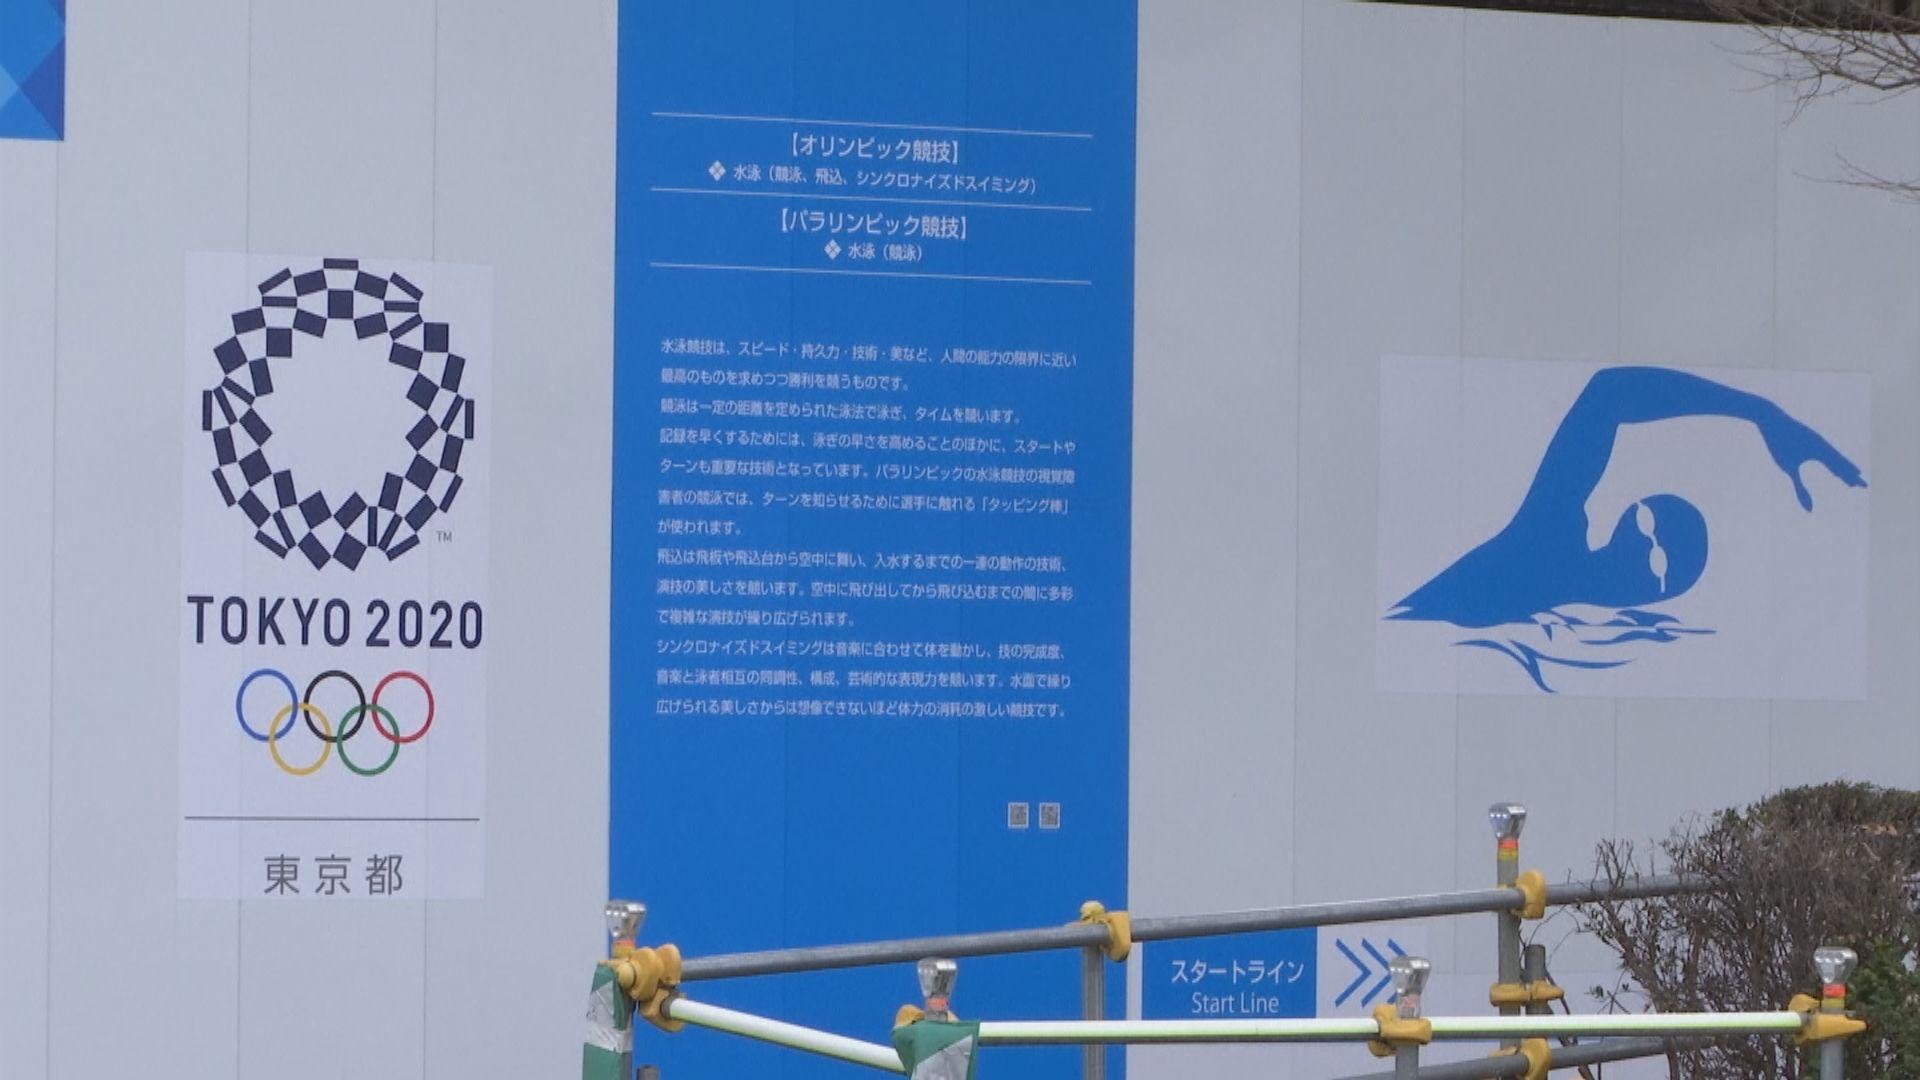 安倍:奧運不會因疫情延遲或取消